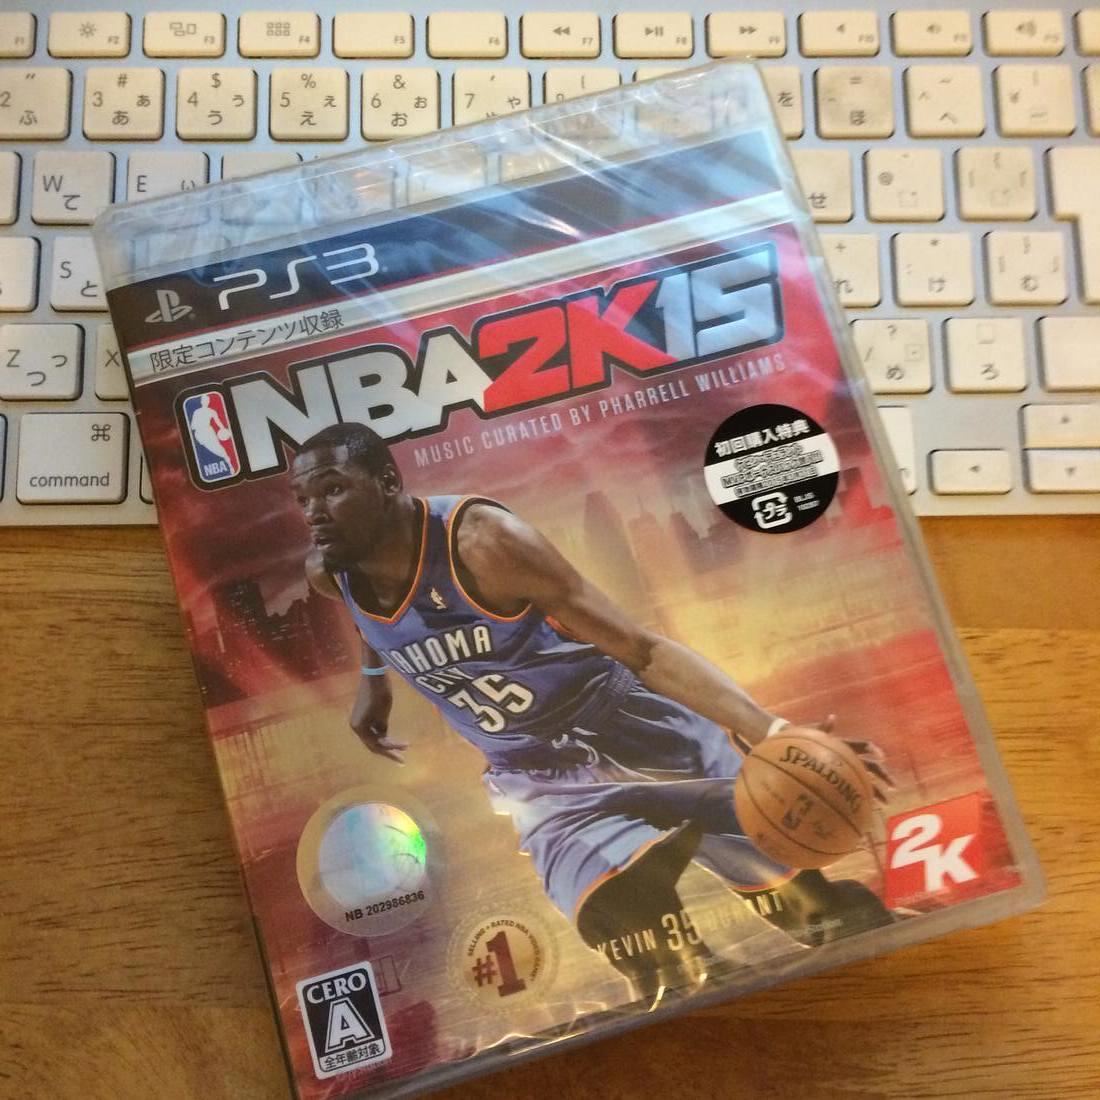 NBA2K15を購入しての試合・マイキャリアをプレイして思ったこと